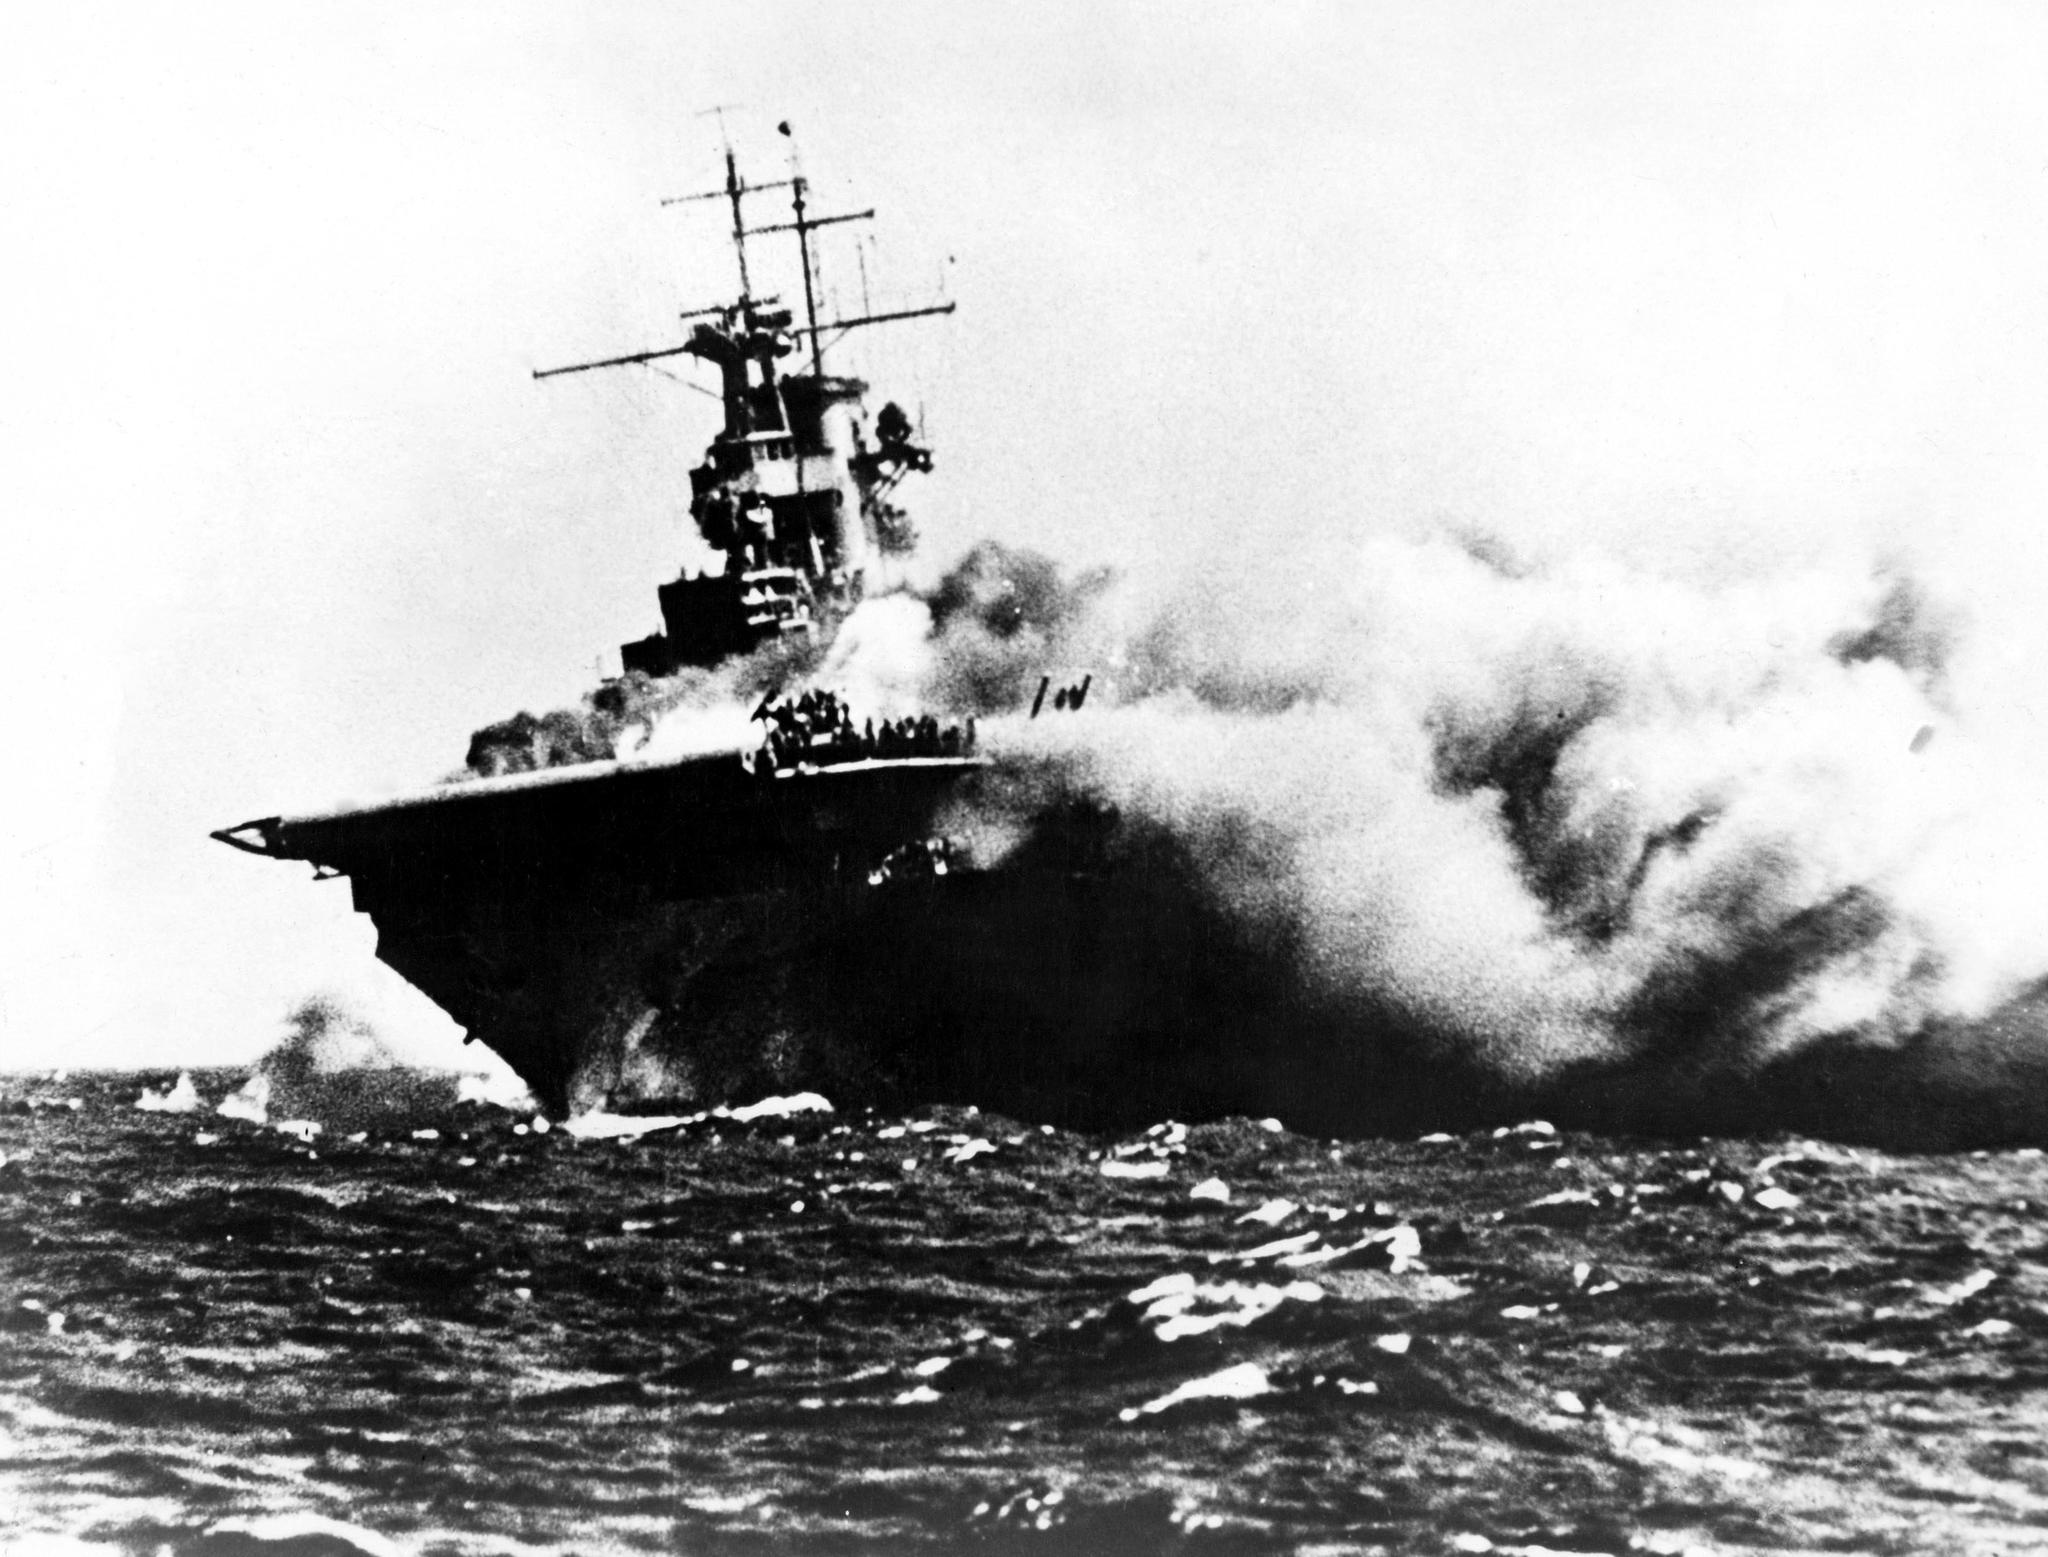 """Spektakuläre Aufnahmen: Flugzeugträger """"USS Wasp"""" 1942 von Torpedos versenkt – jetzt entdeckten Forscher das Wrack"""